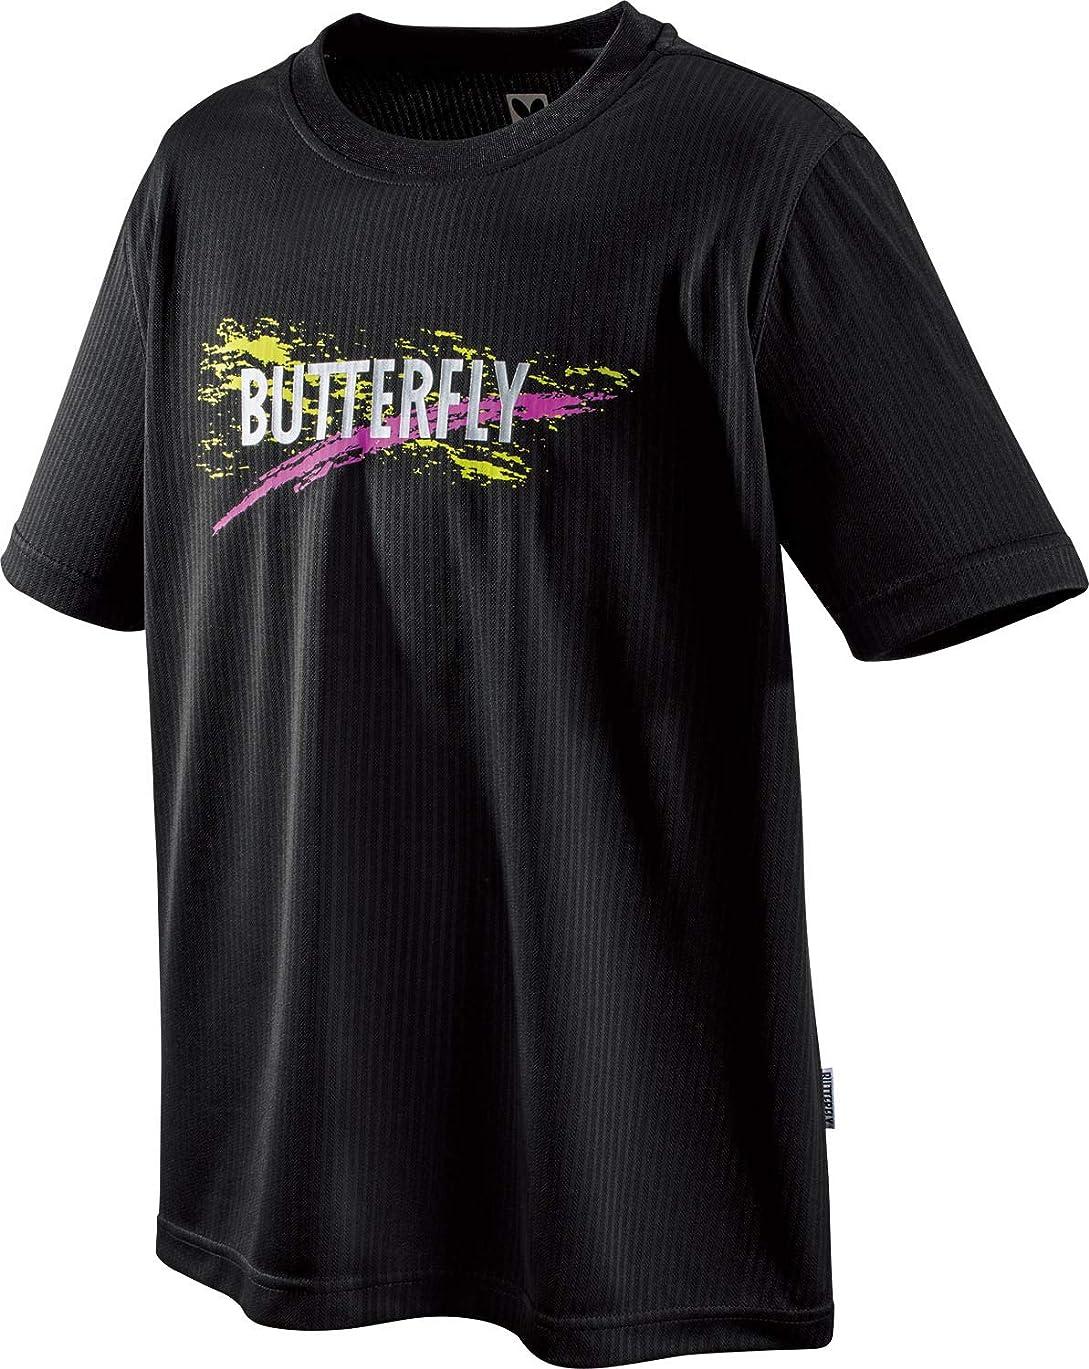 匿名粒子後世バタフライ(Butterfly) 卓球 半袖ウェア マニクルス?Tシャツ 男女兼用 45500